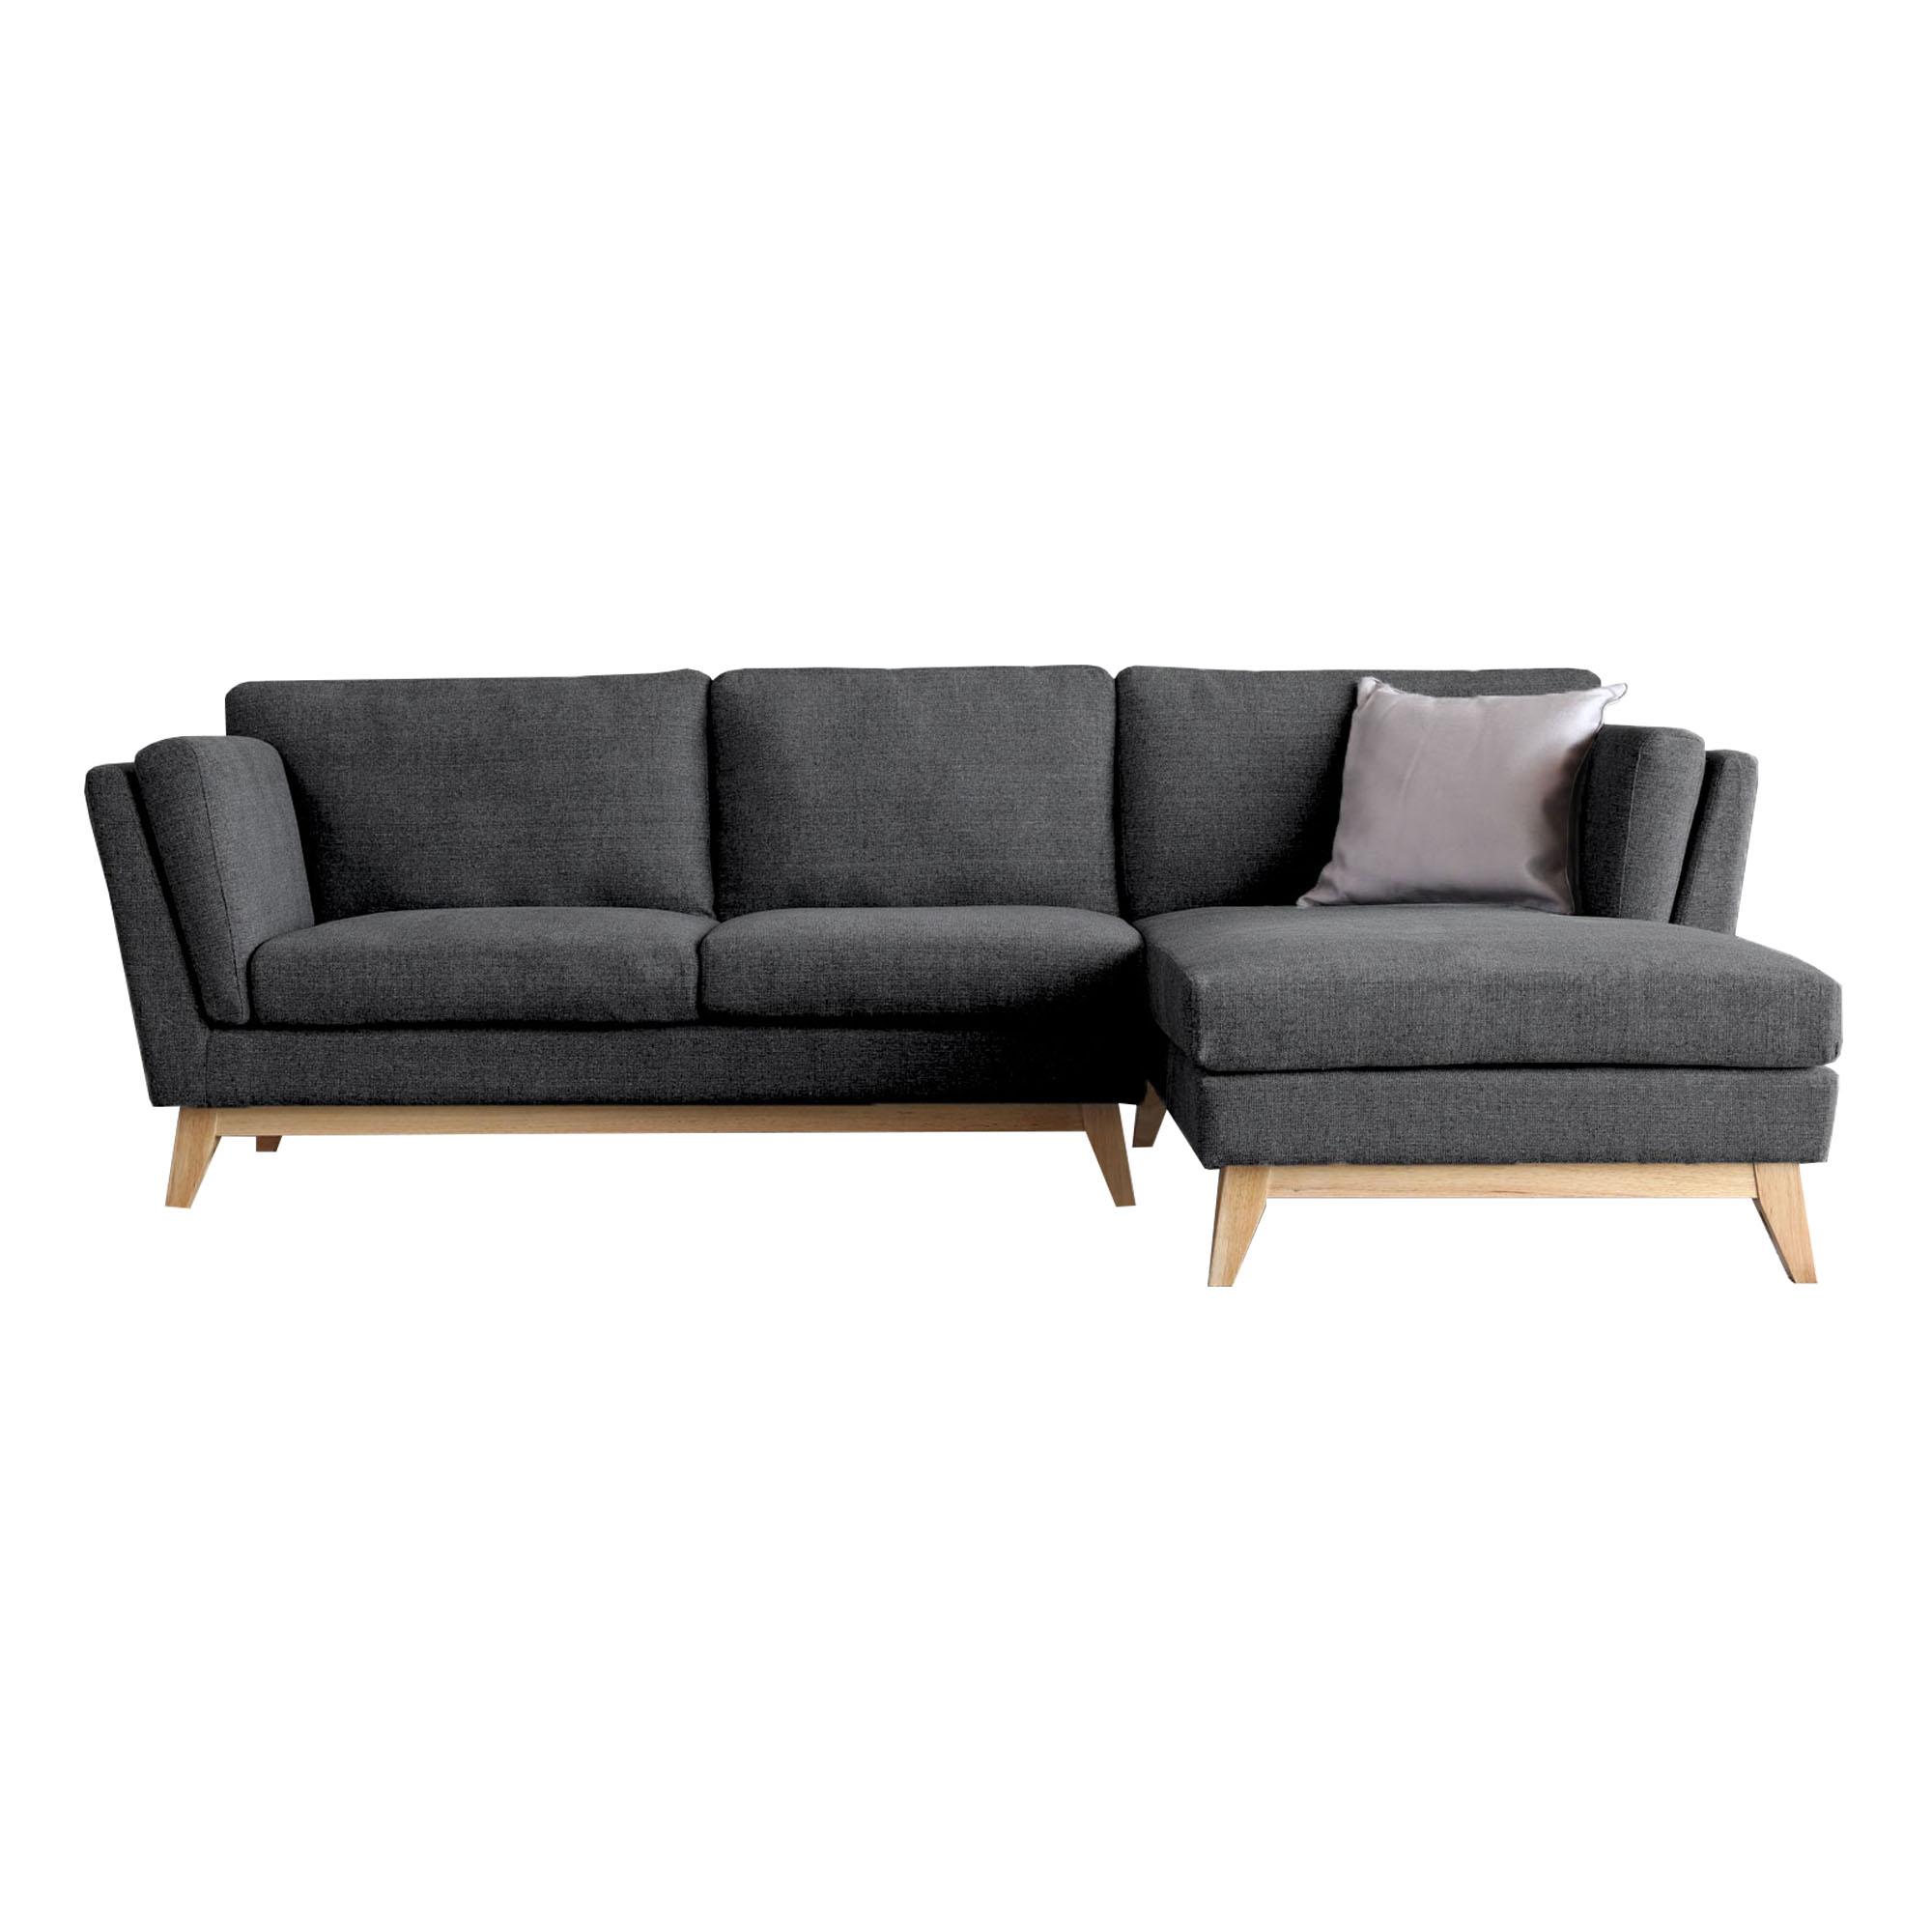 Canapé 3 places méridienne à droite et pieds bois gris foncé